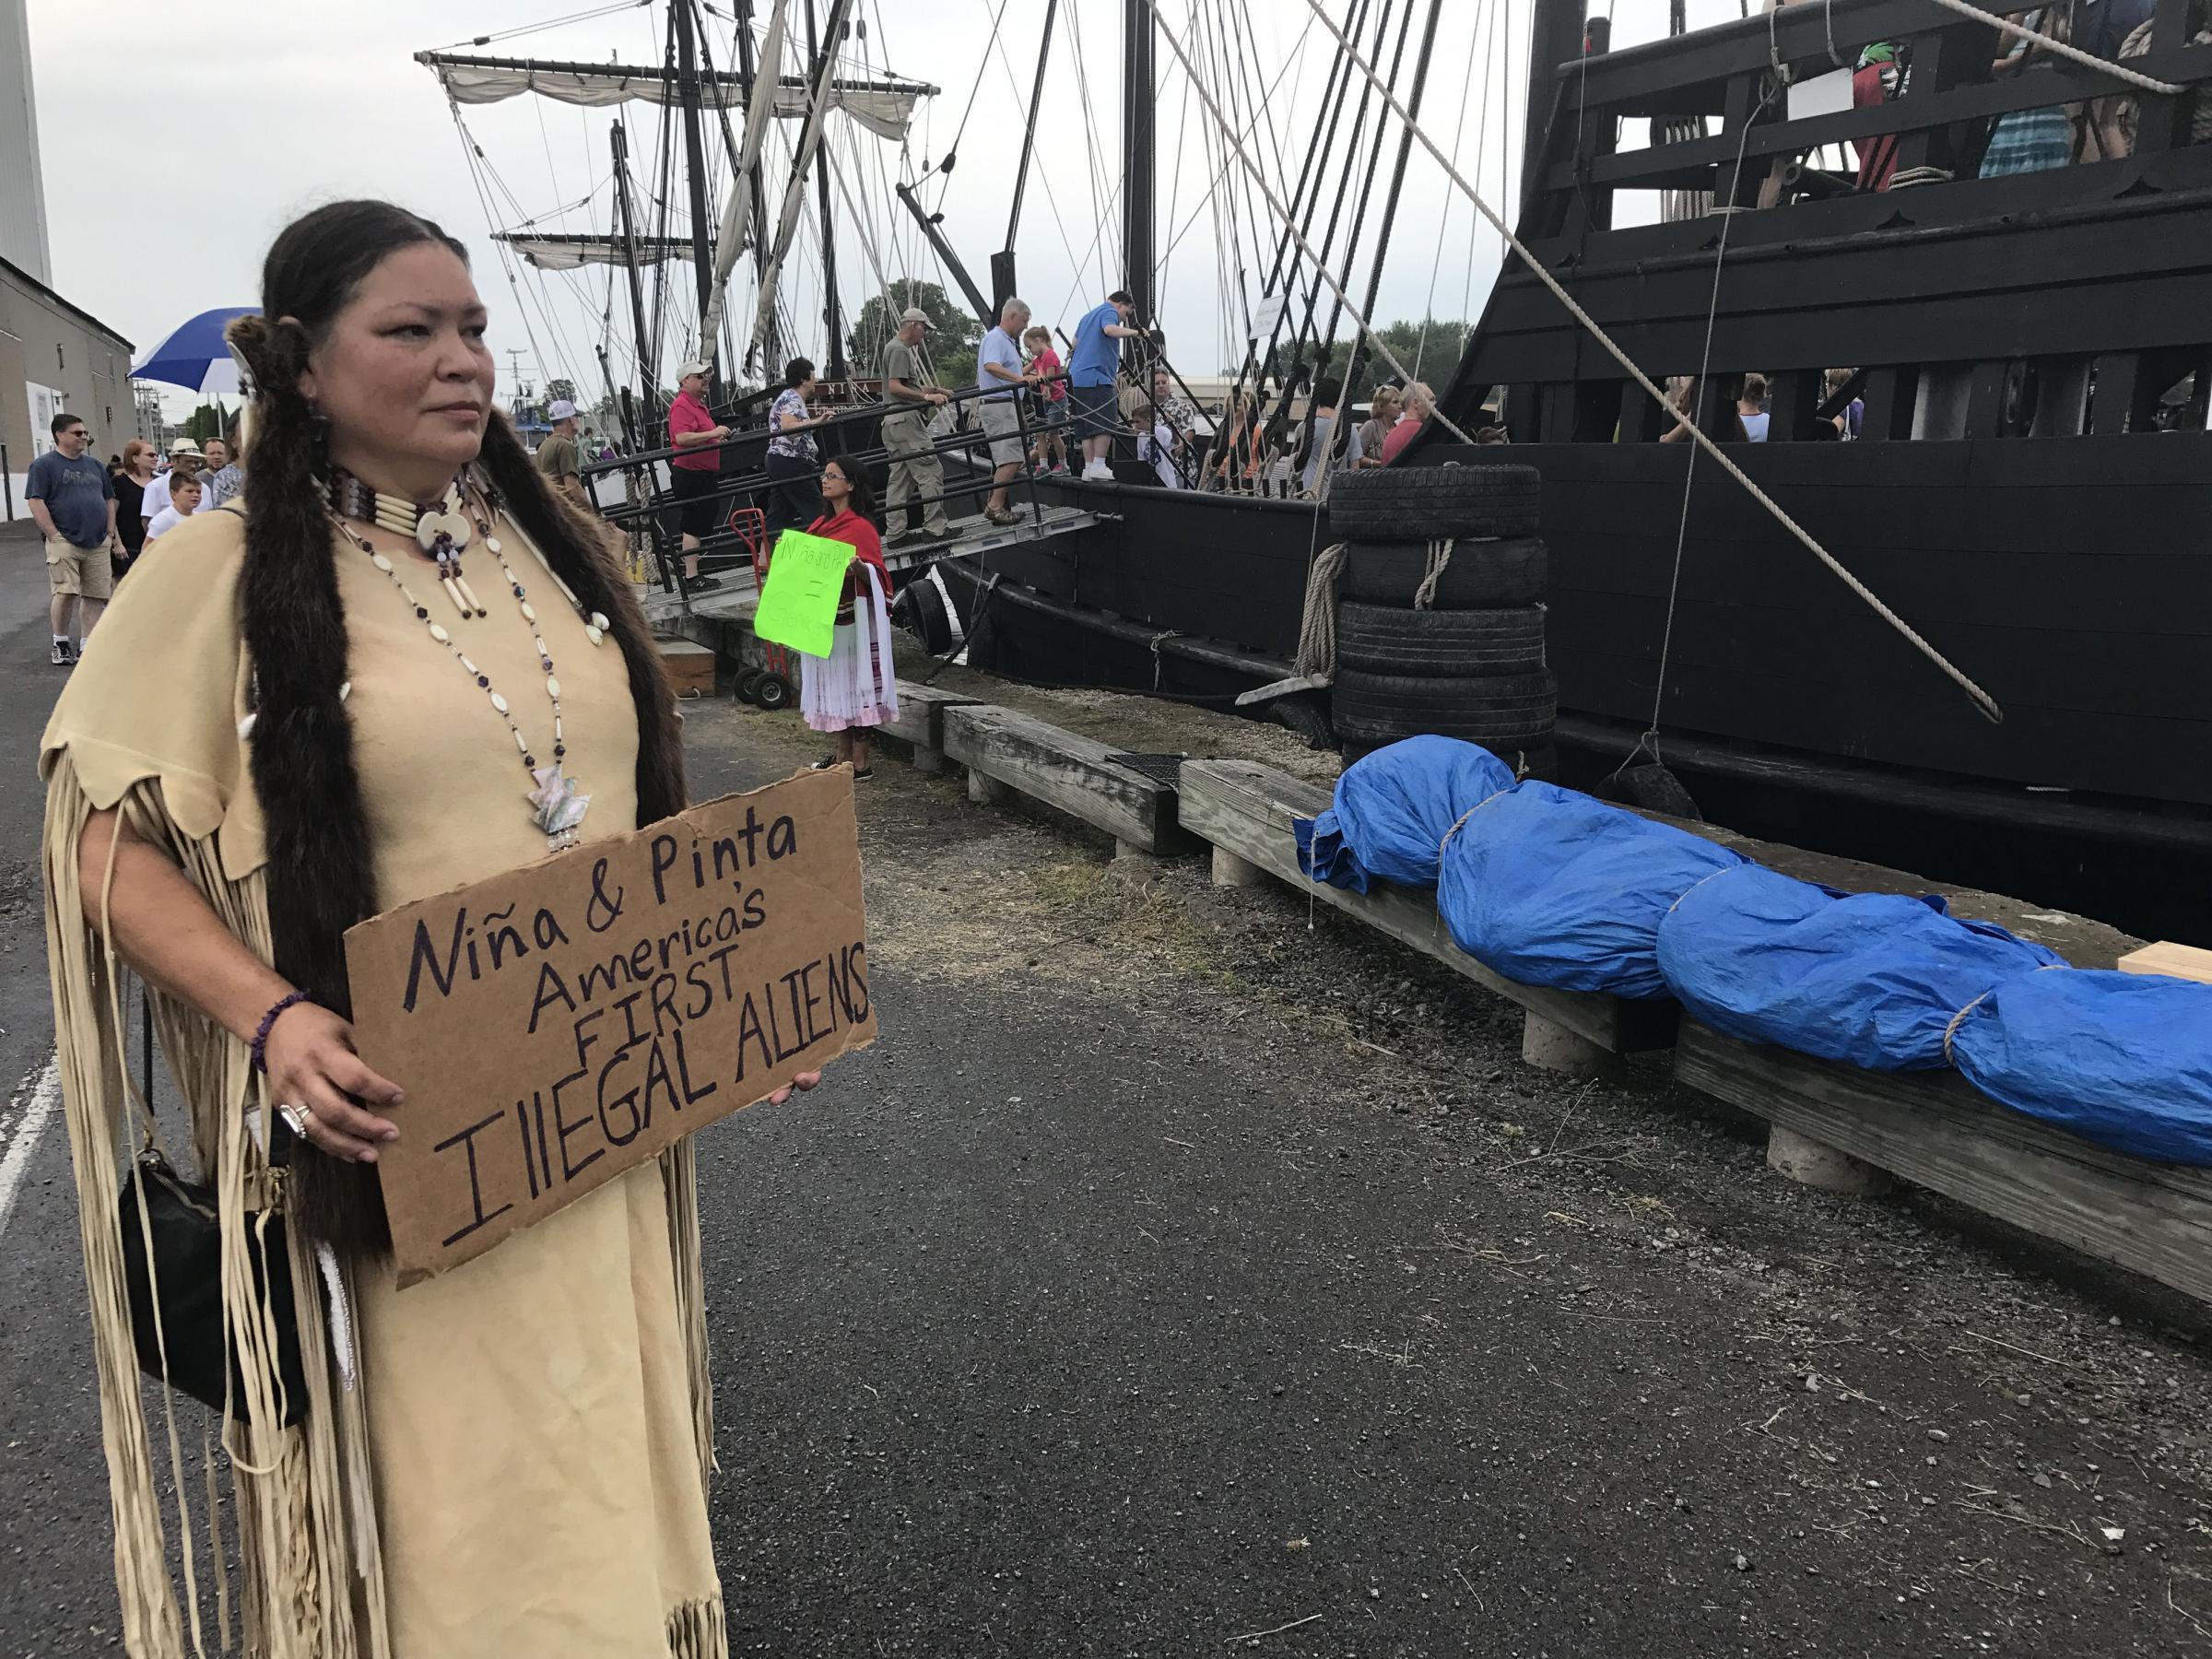 Columbus Ship Replicas Sail Great Lakes And Native